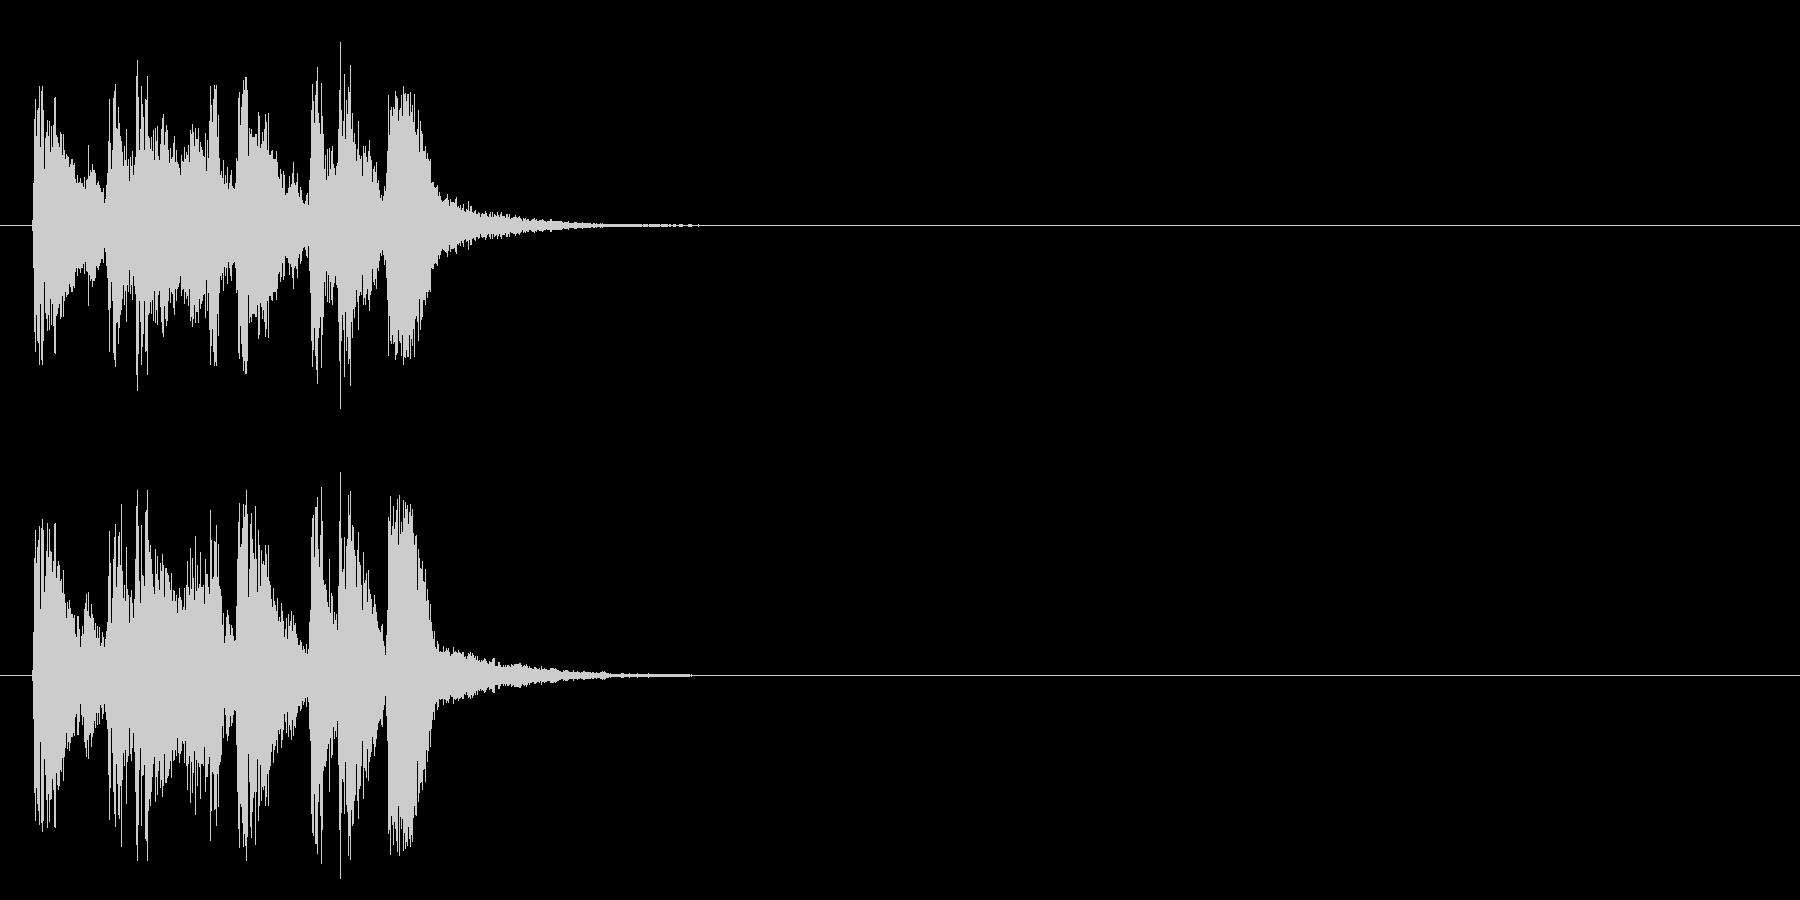 ジングル/アタック(ポップ/ラテン)の未再生の波形